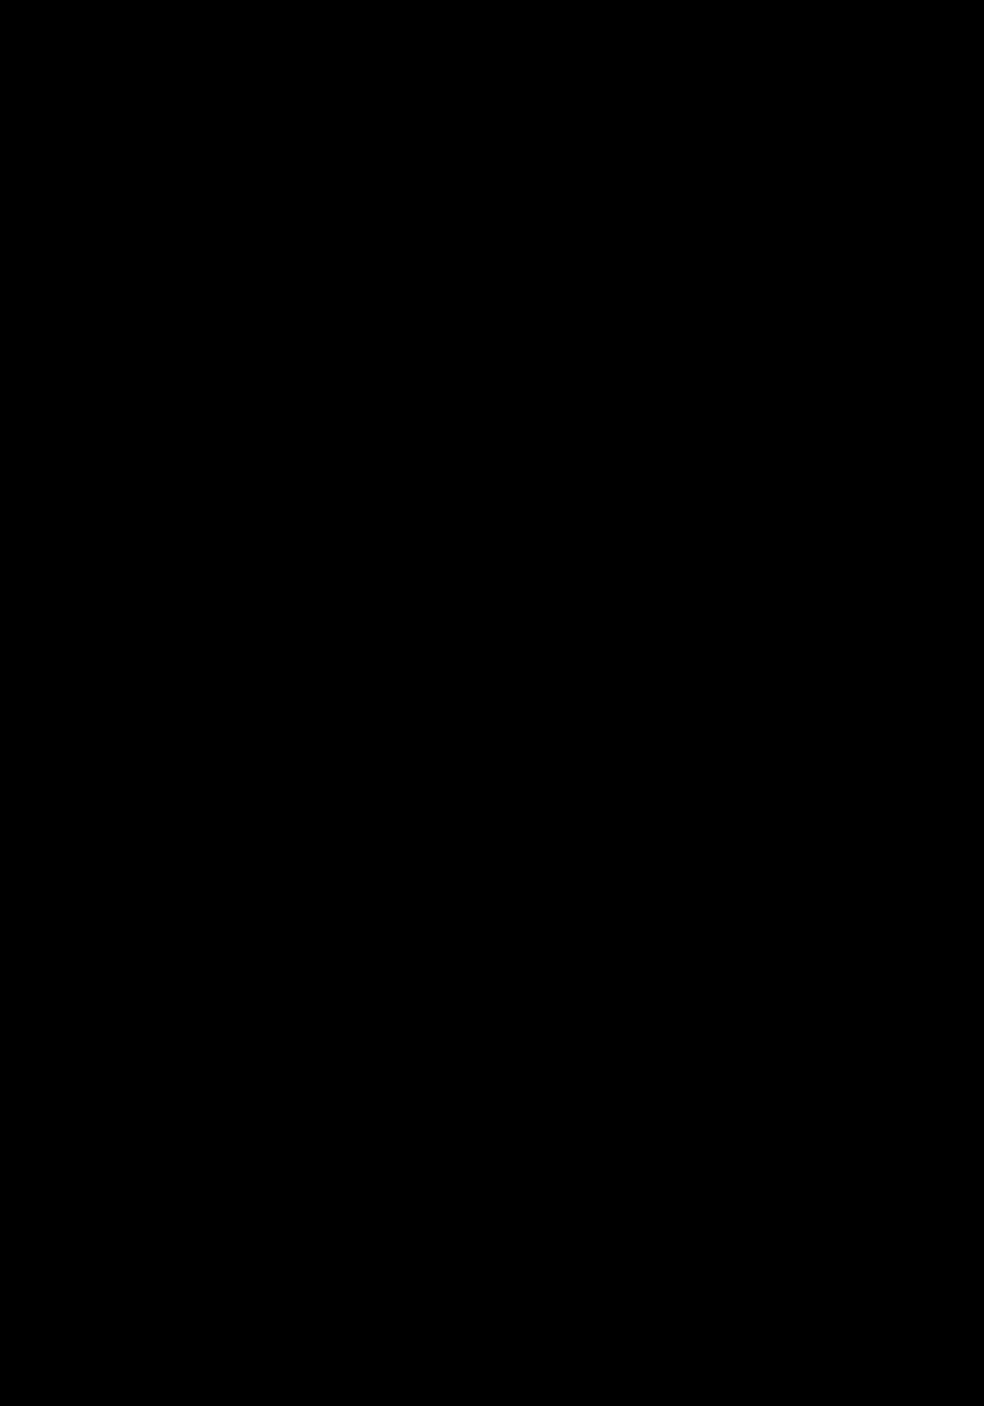 イナピエロ B BEPR 横組見本